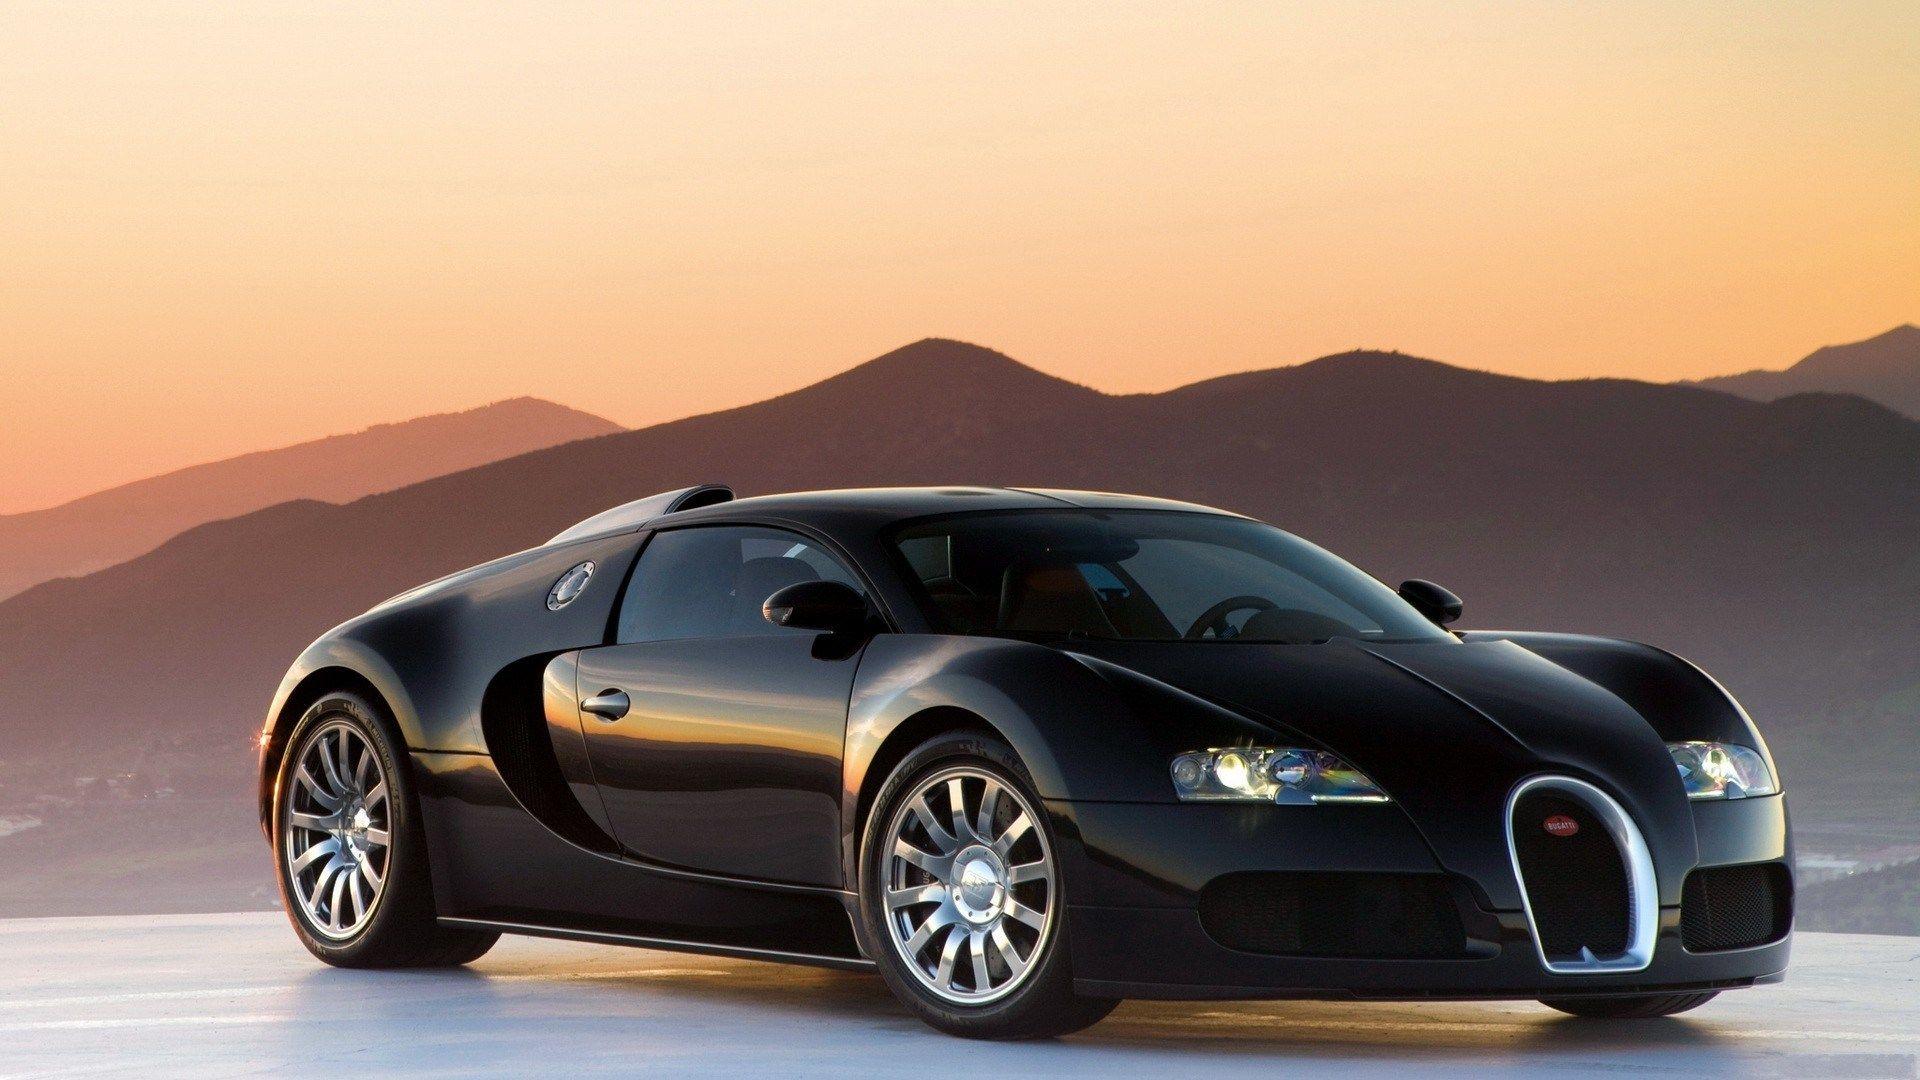 Free Download Bugatti Veyron Picture Ackerley Thomas 2017 03 05